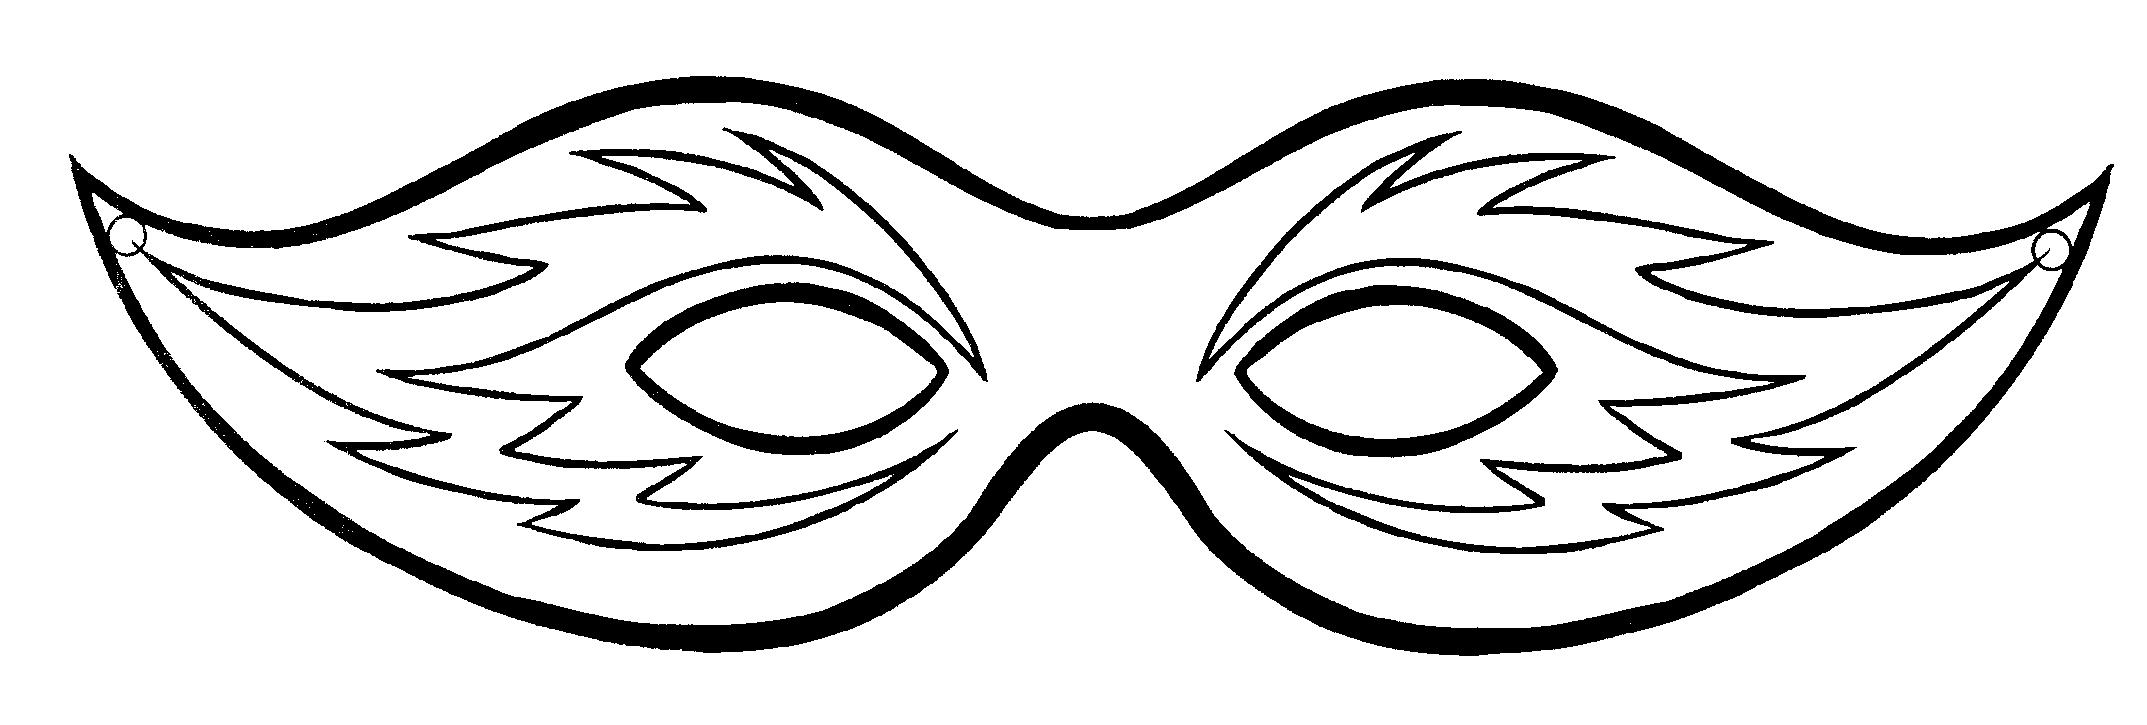 9eef348ba Moldes de máscara de carnaval | moldes | Mascaras de carnaval ...